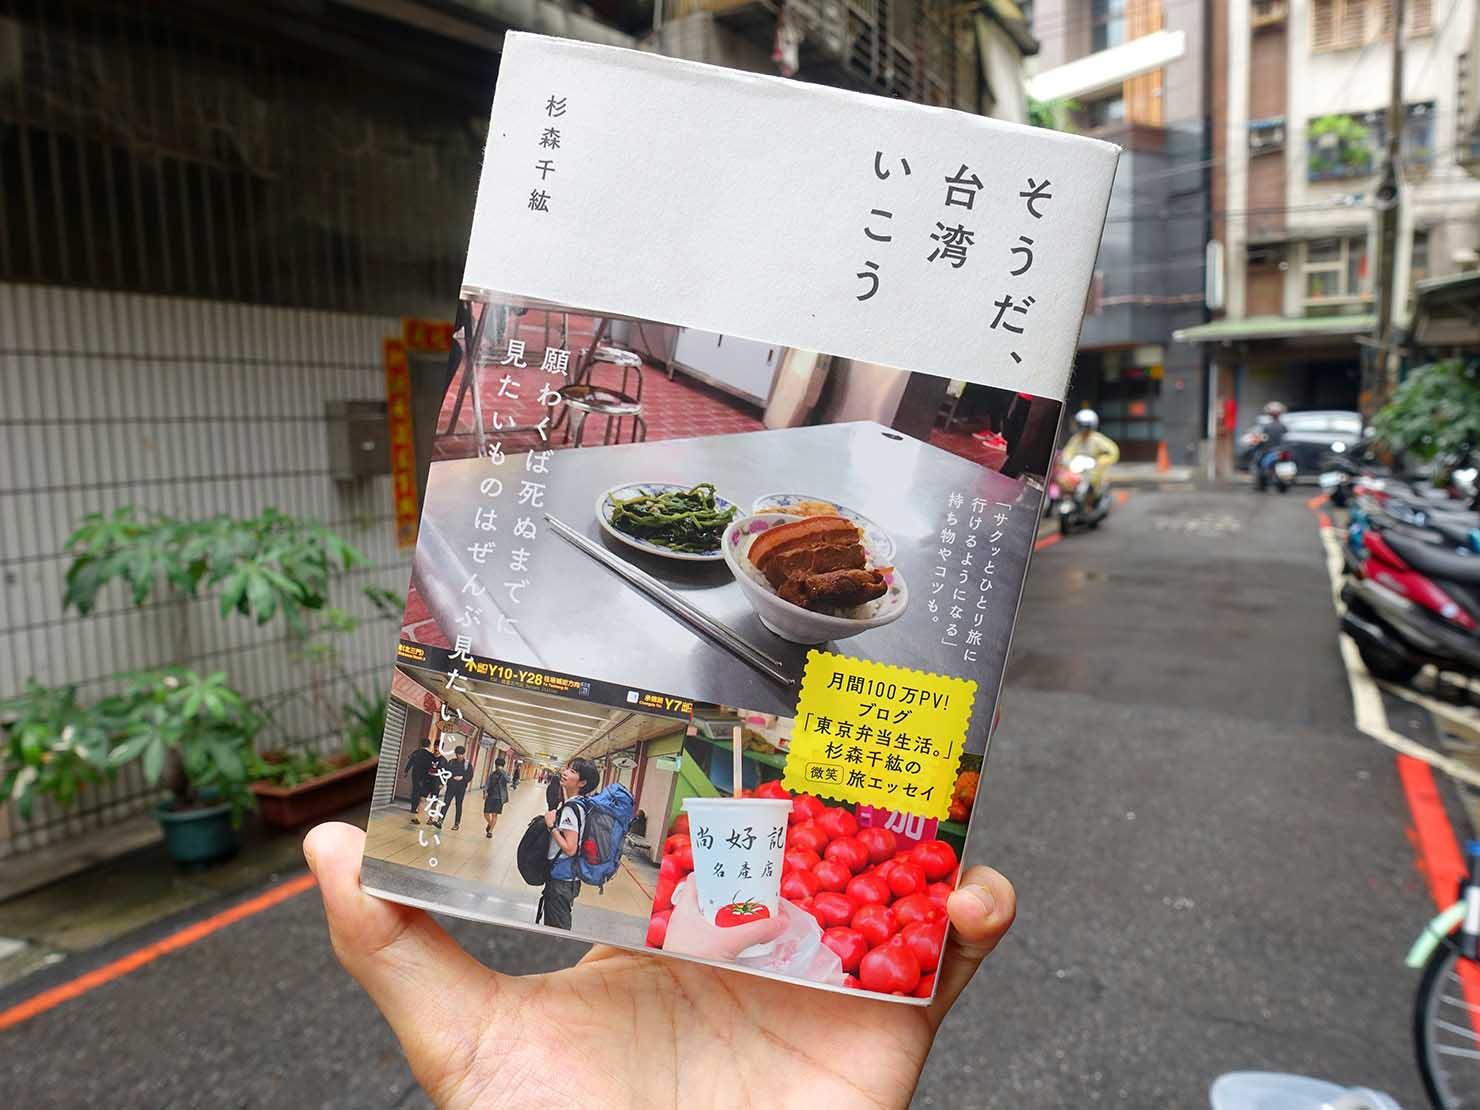 旅気分を盛り上げてくれる台湾一周エッセイのおすすめ作品『そうだ、台湾いこう』